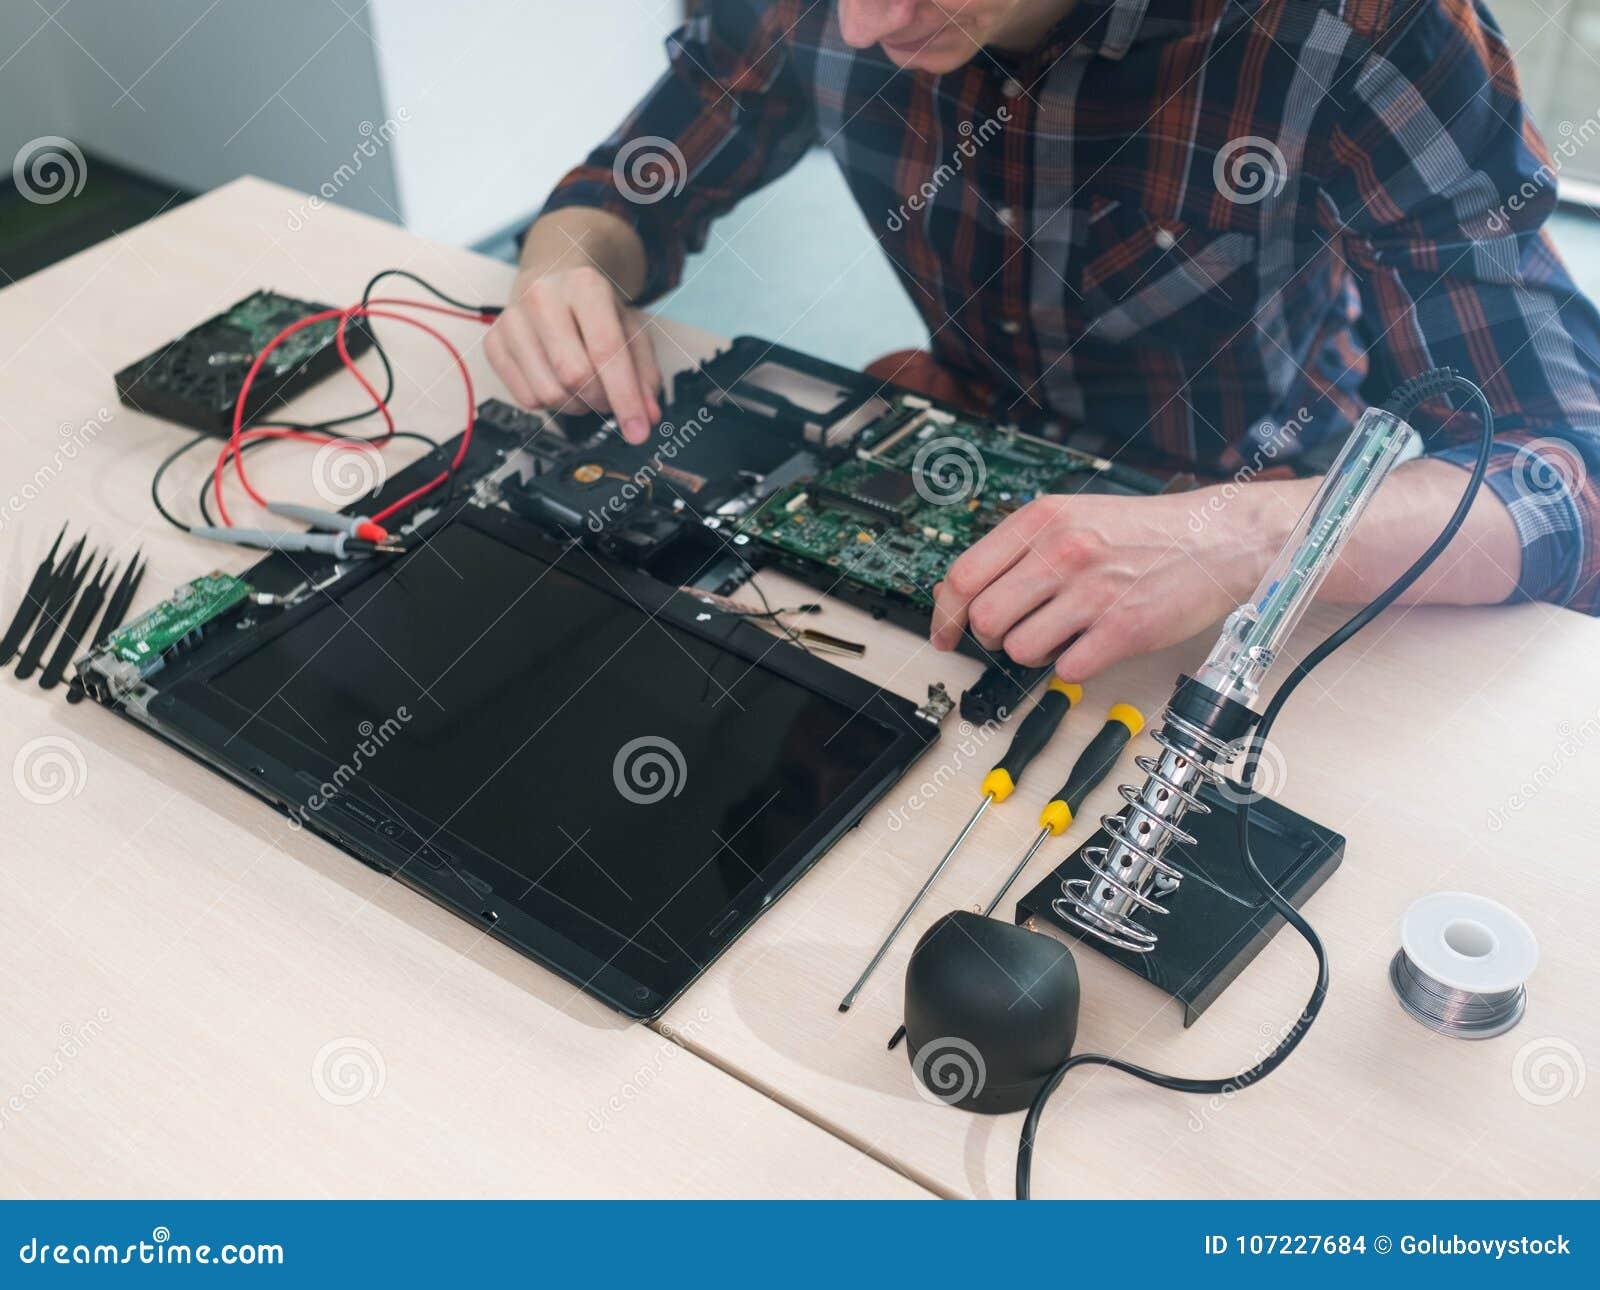 Laptop de de reparatiedienst van het onderhoudsoplossen van problemen